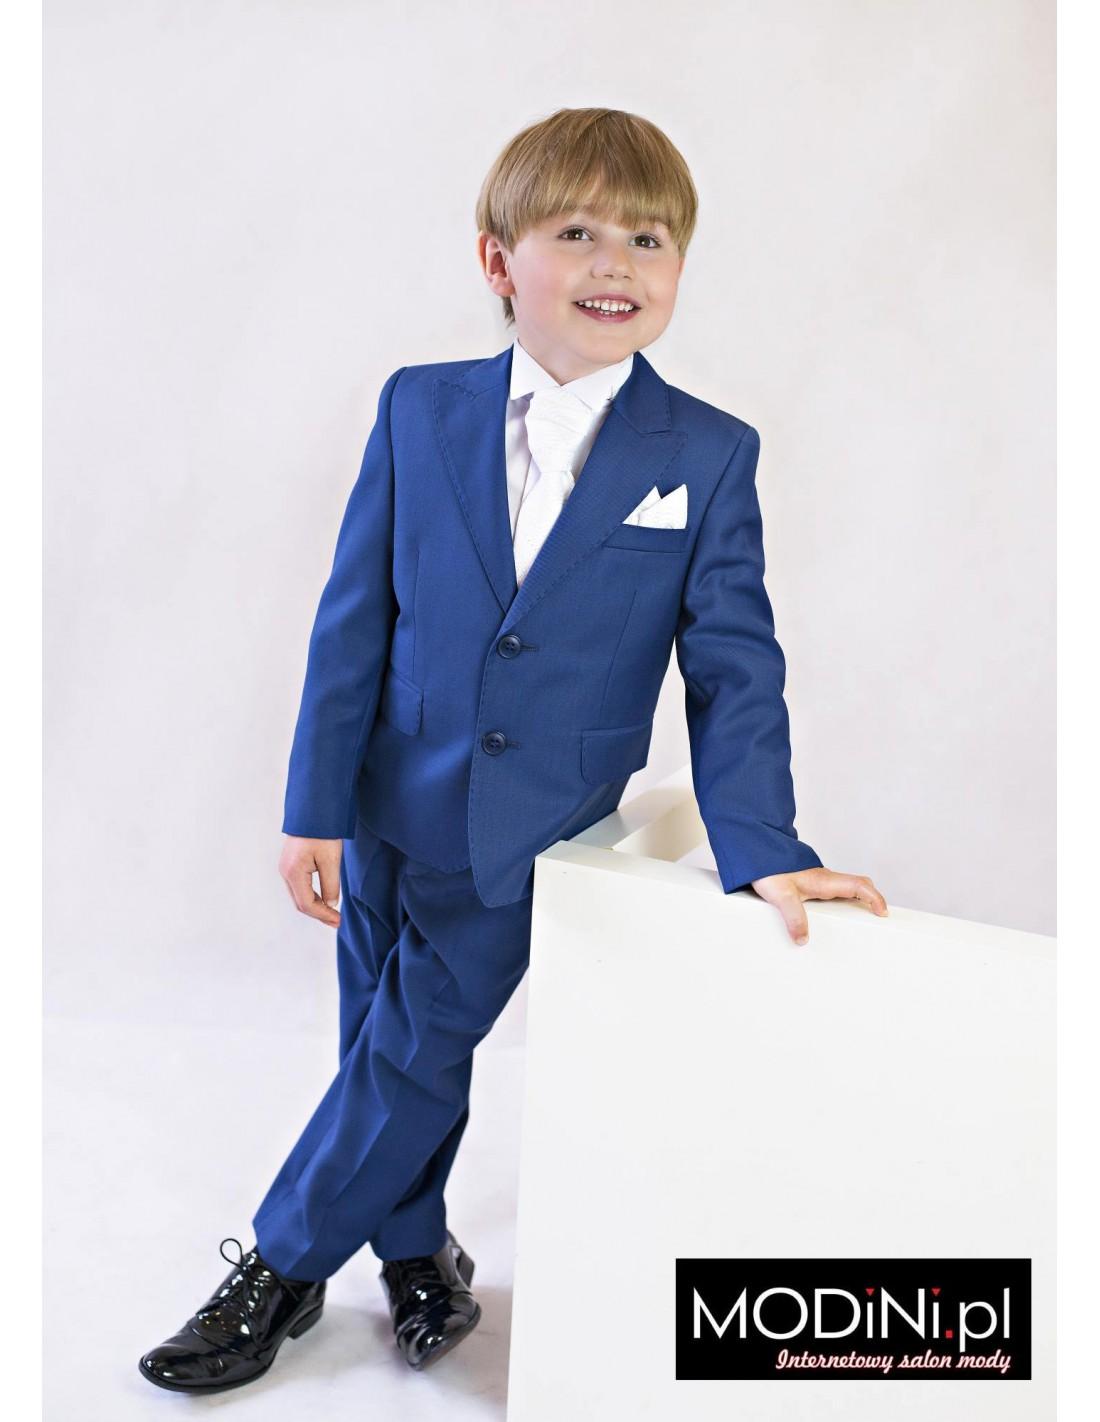 4b5d1f83cc884 Niebieski garnitur dziecięcy | Sklep Internetowy Modini.pl